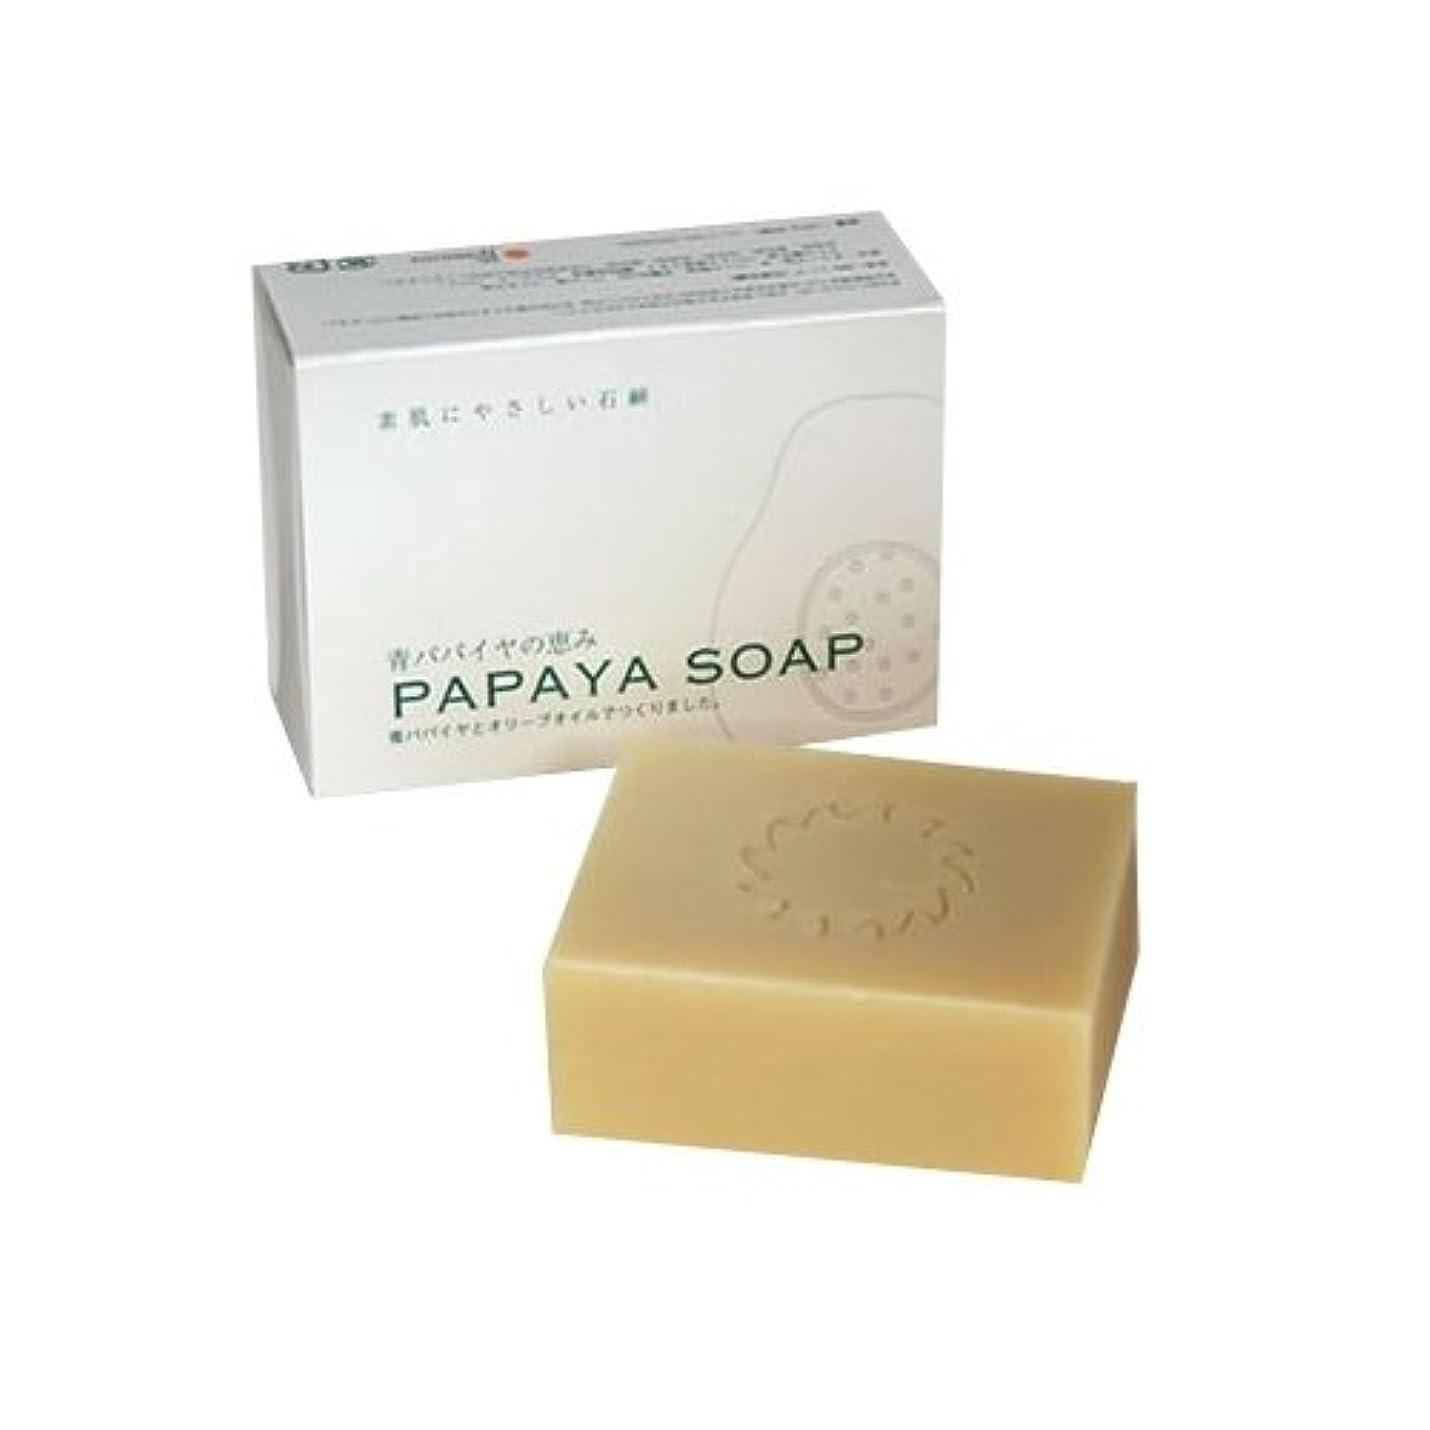 合体不十分眉青パパイヤの恵み PAPAYA SOAP(パパイヤソープ) 100g